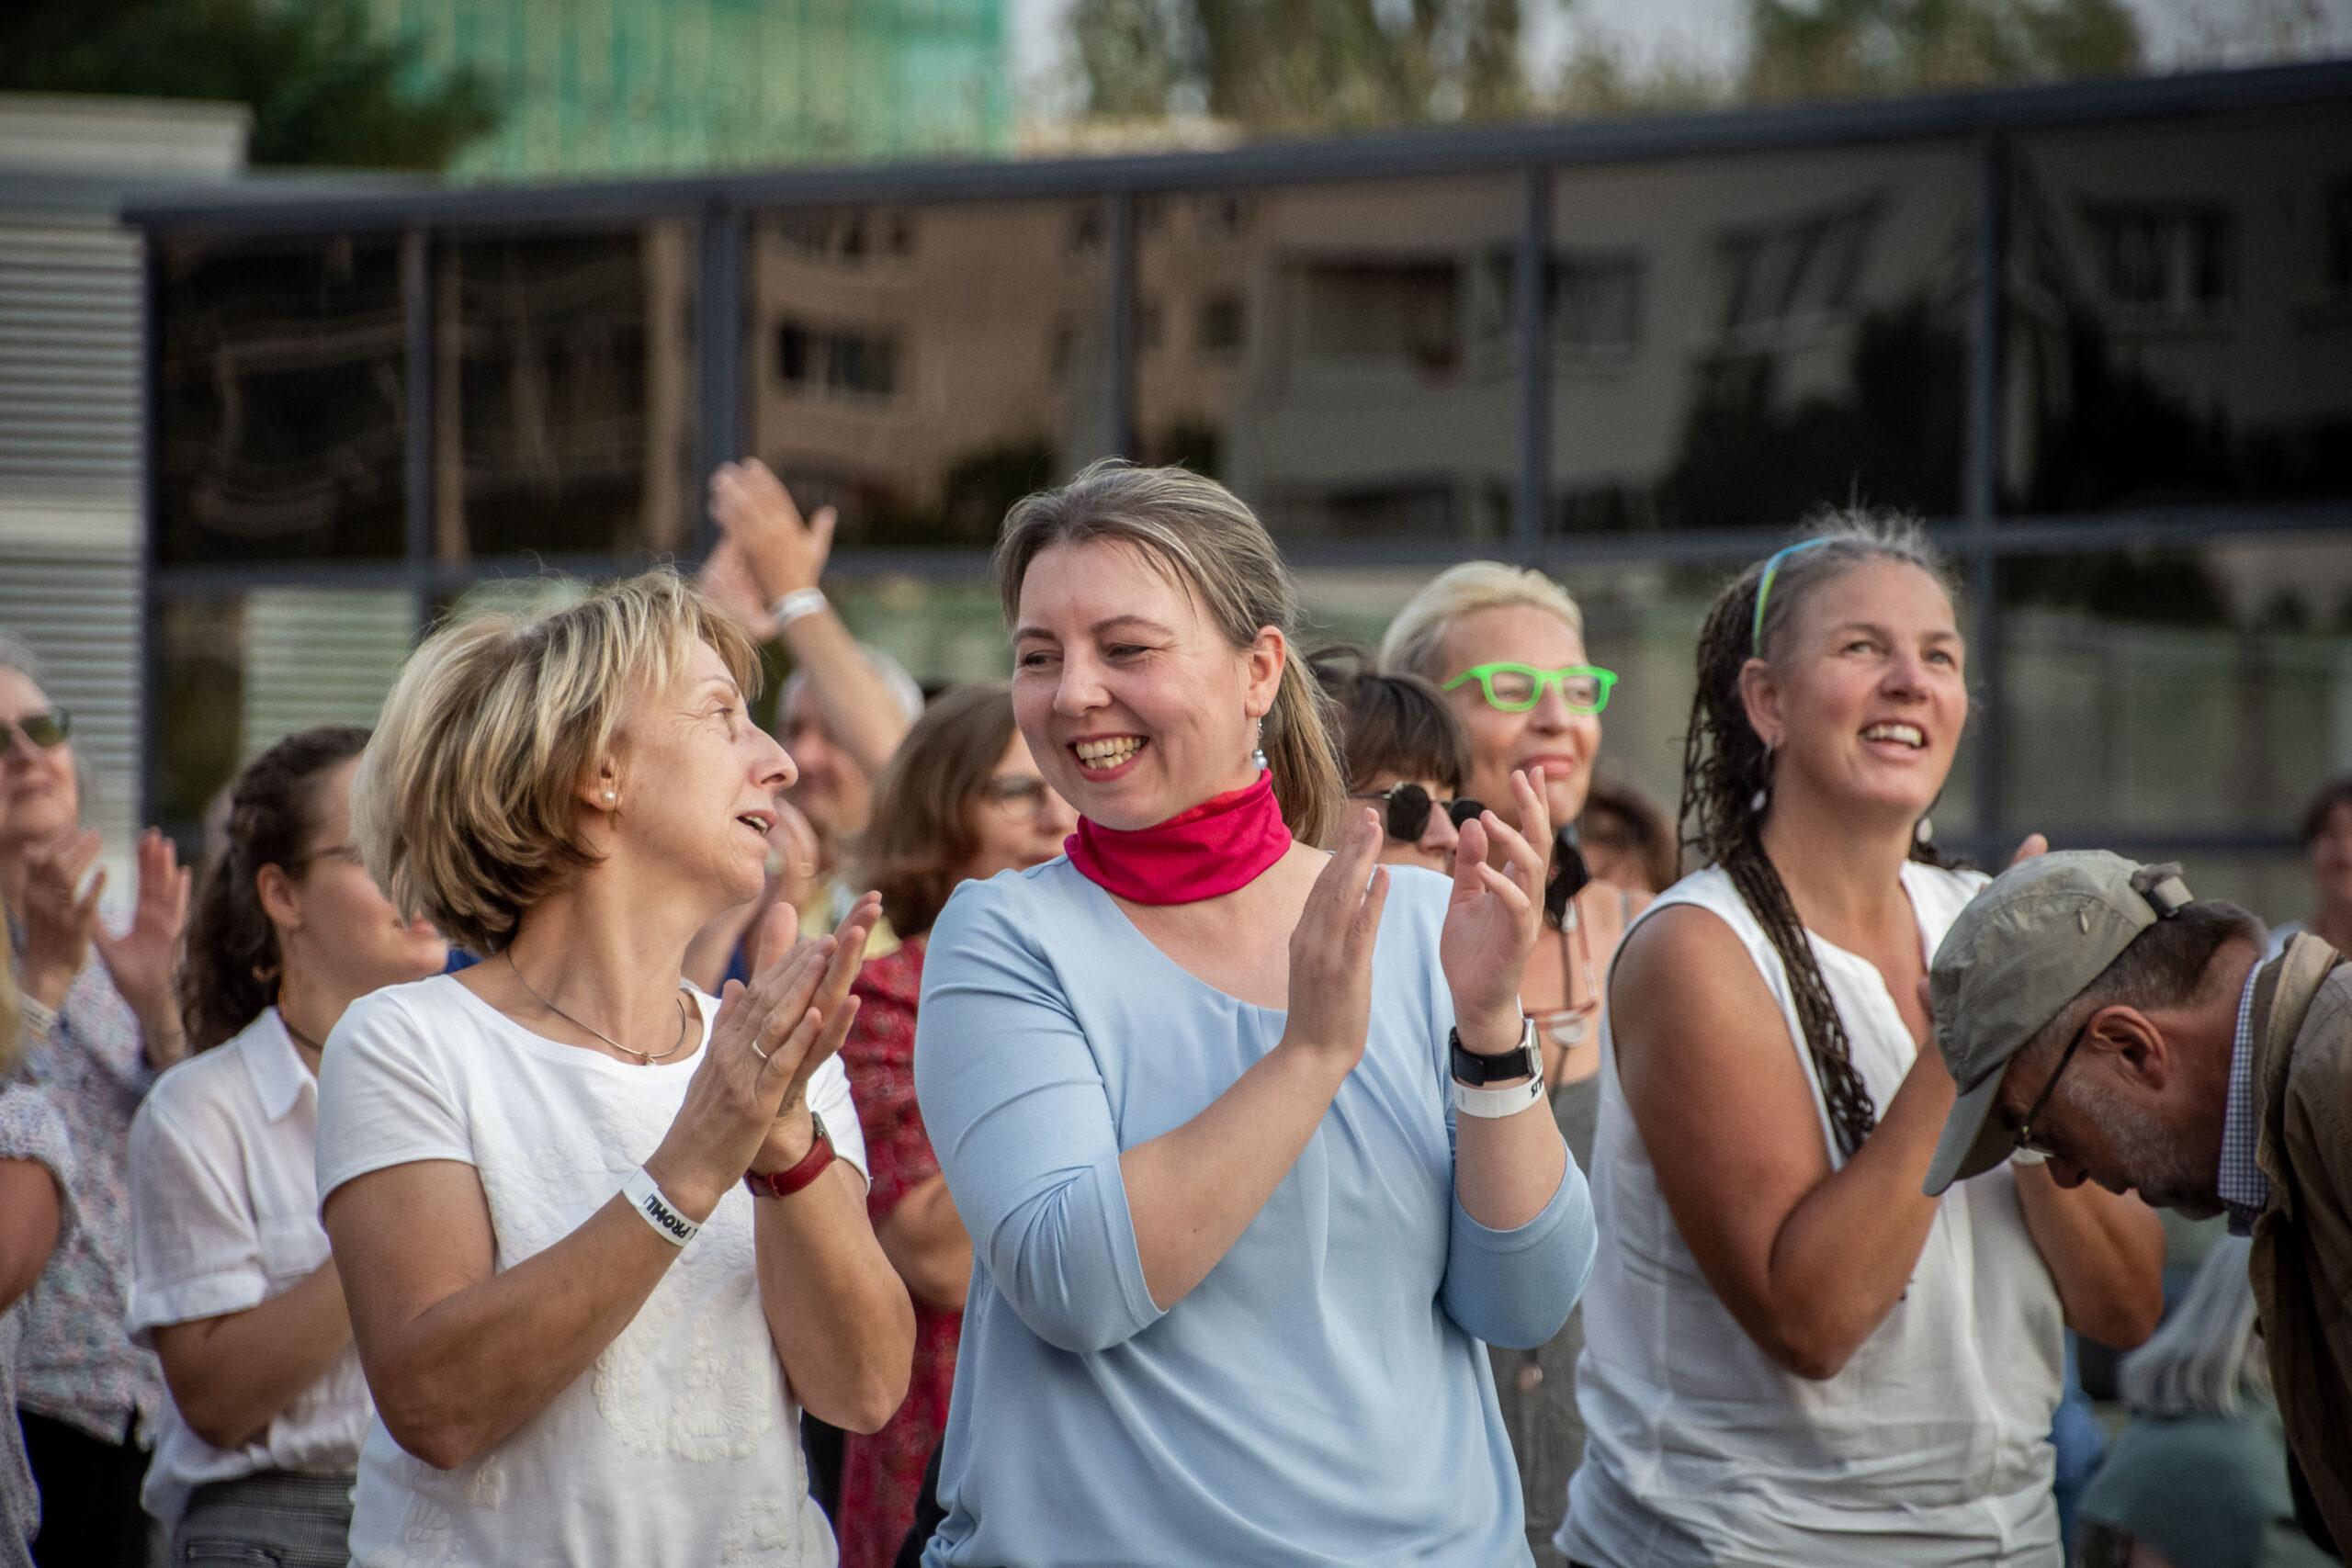 Himmel über Prohlis - Eventfotografie: Zuschauer applaudieren